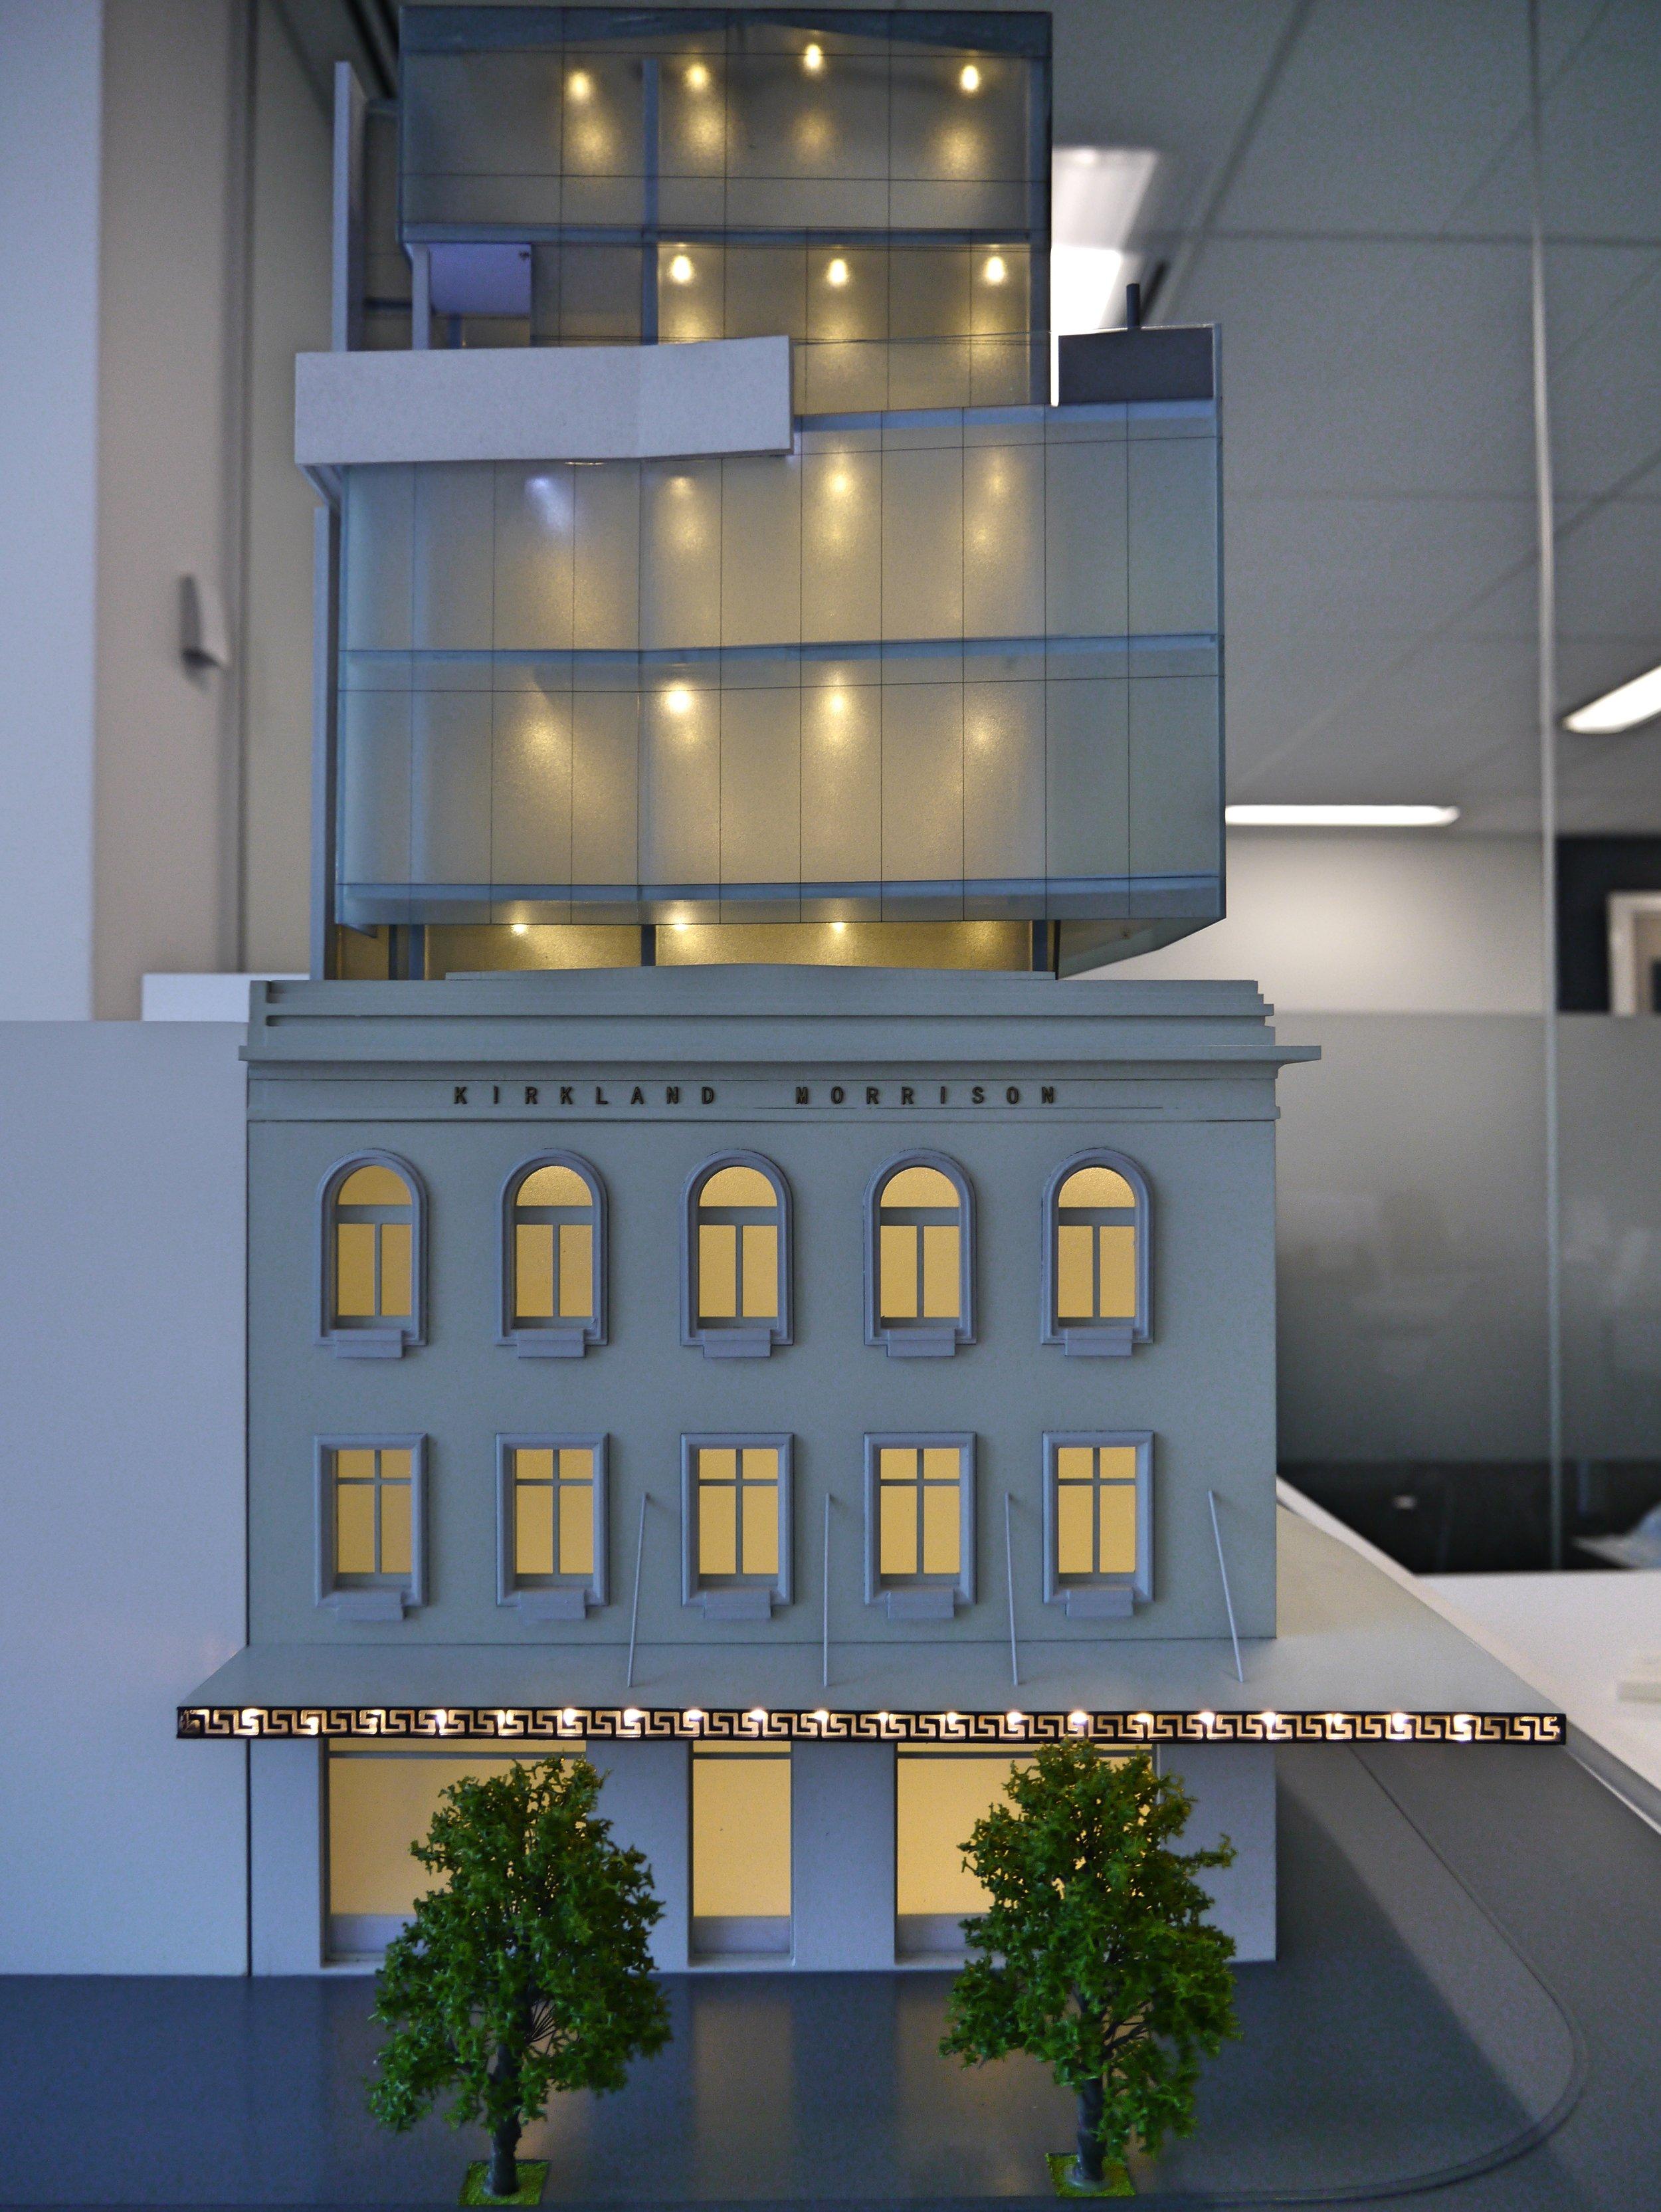 Kirkland Morrison Building Model 21.jpg